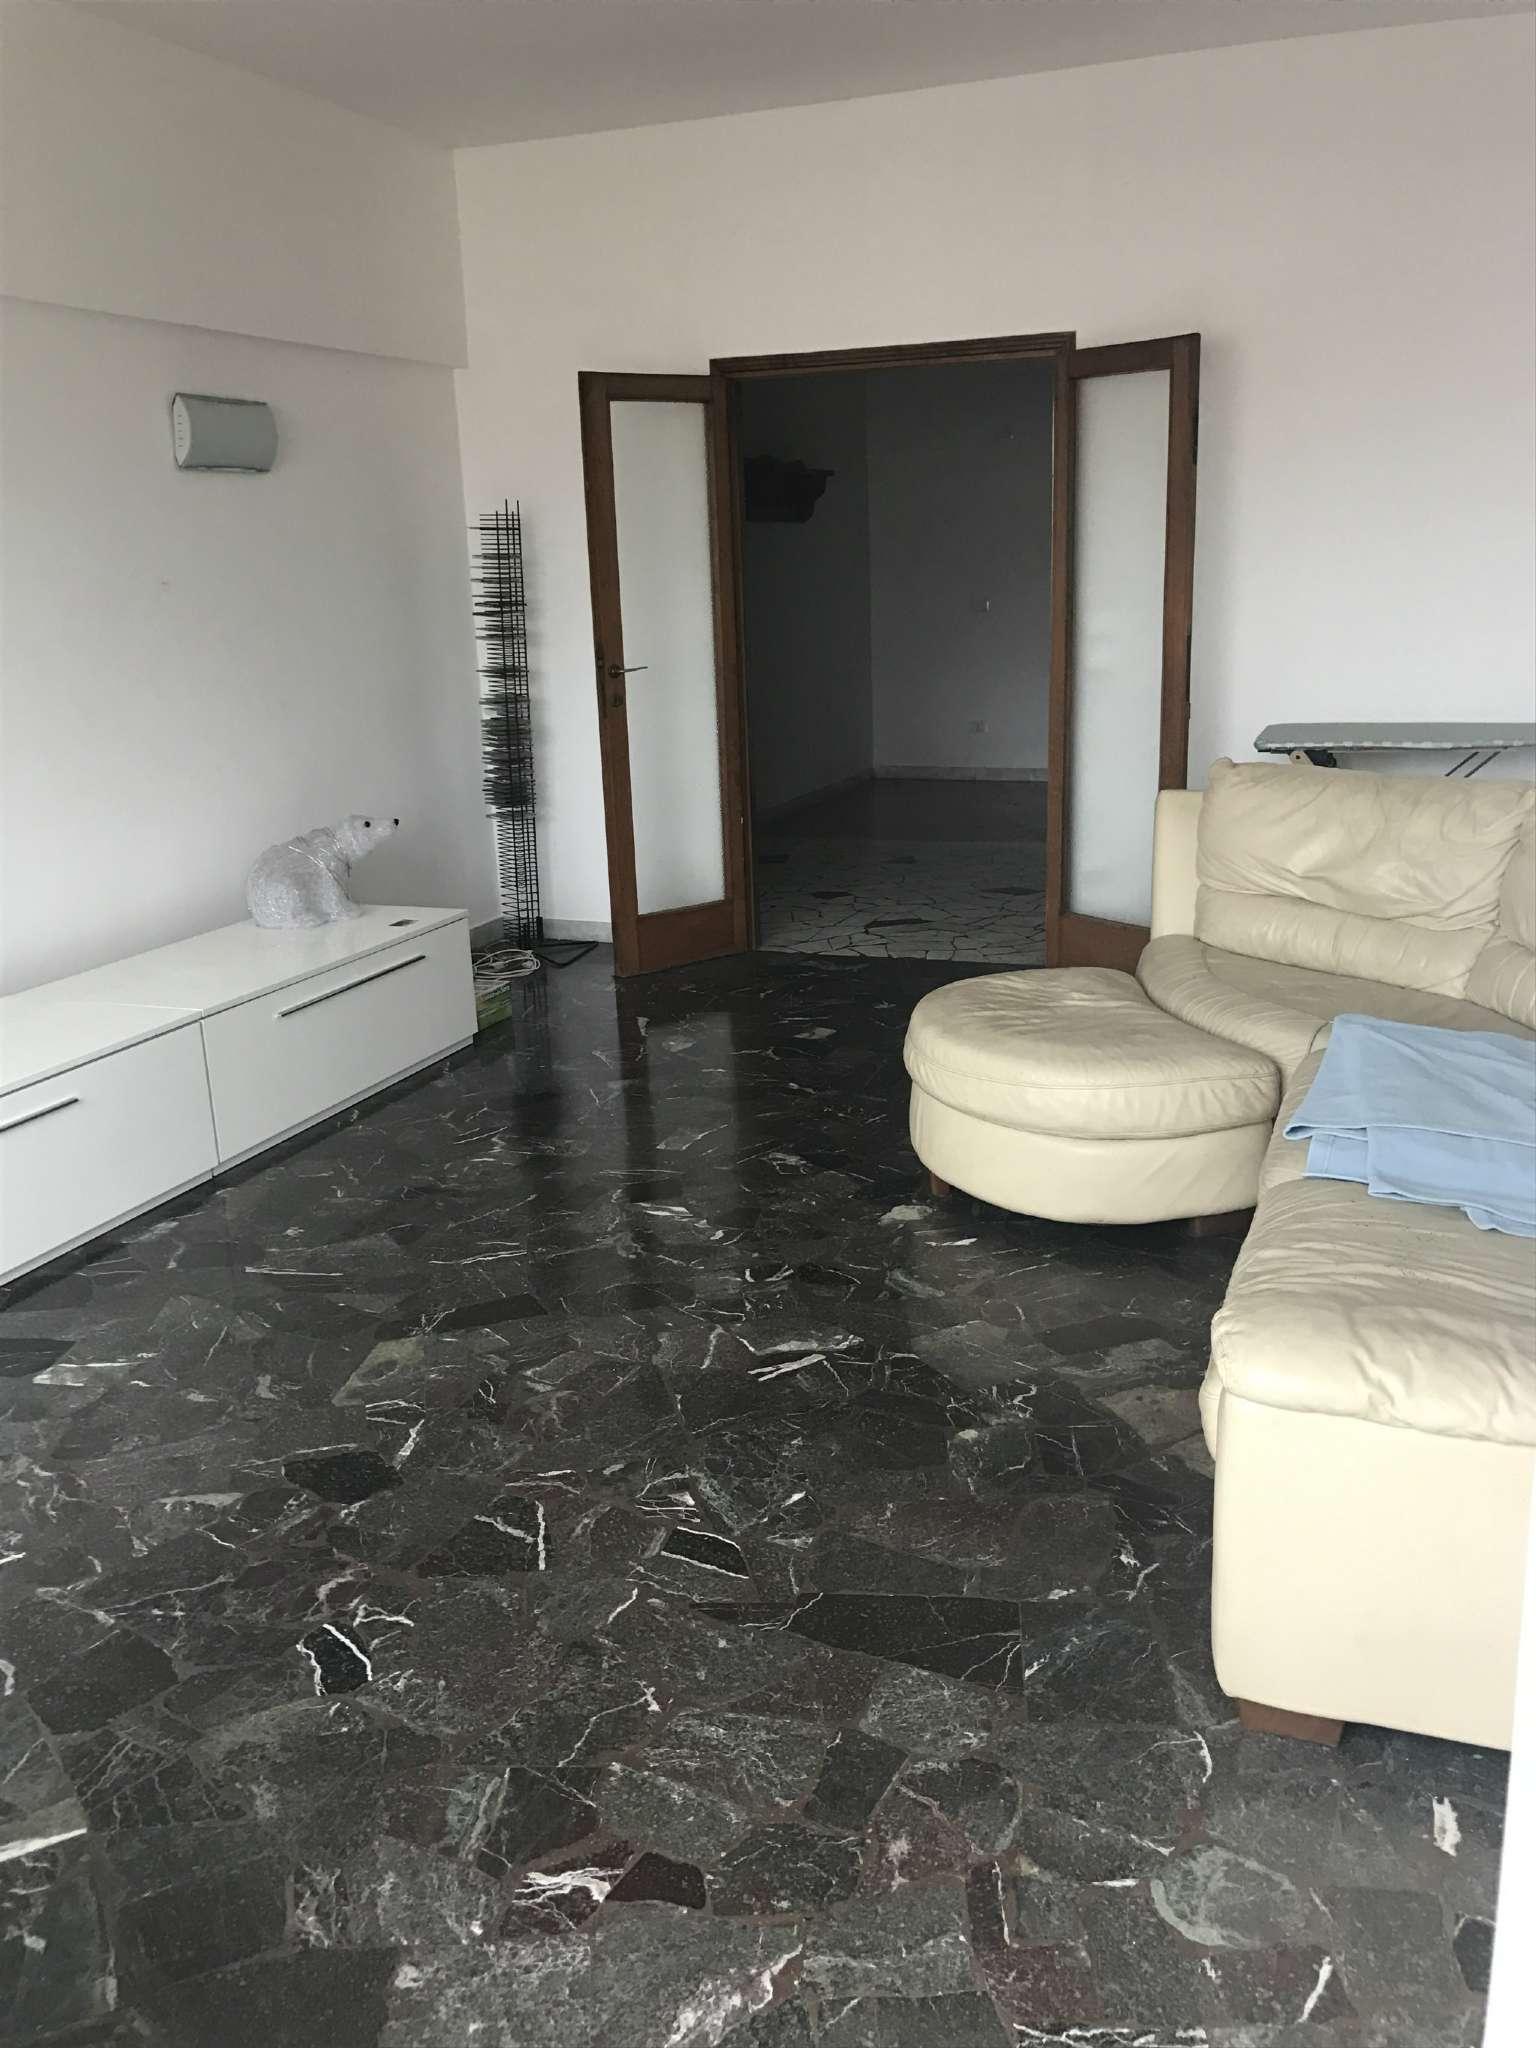 Appartamento in vendita a Venezia, 7 locali, zona Zona: 11 . Mestre, prezzo € 190.000 | Cambio Casa.it